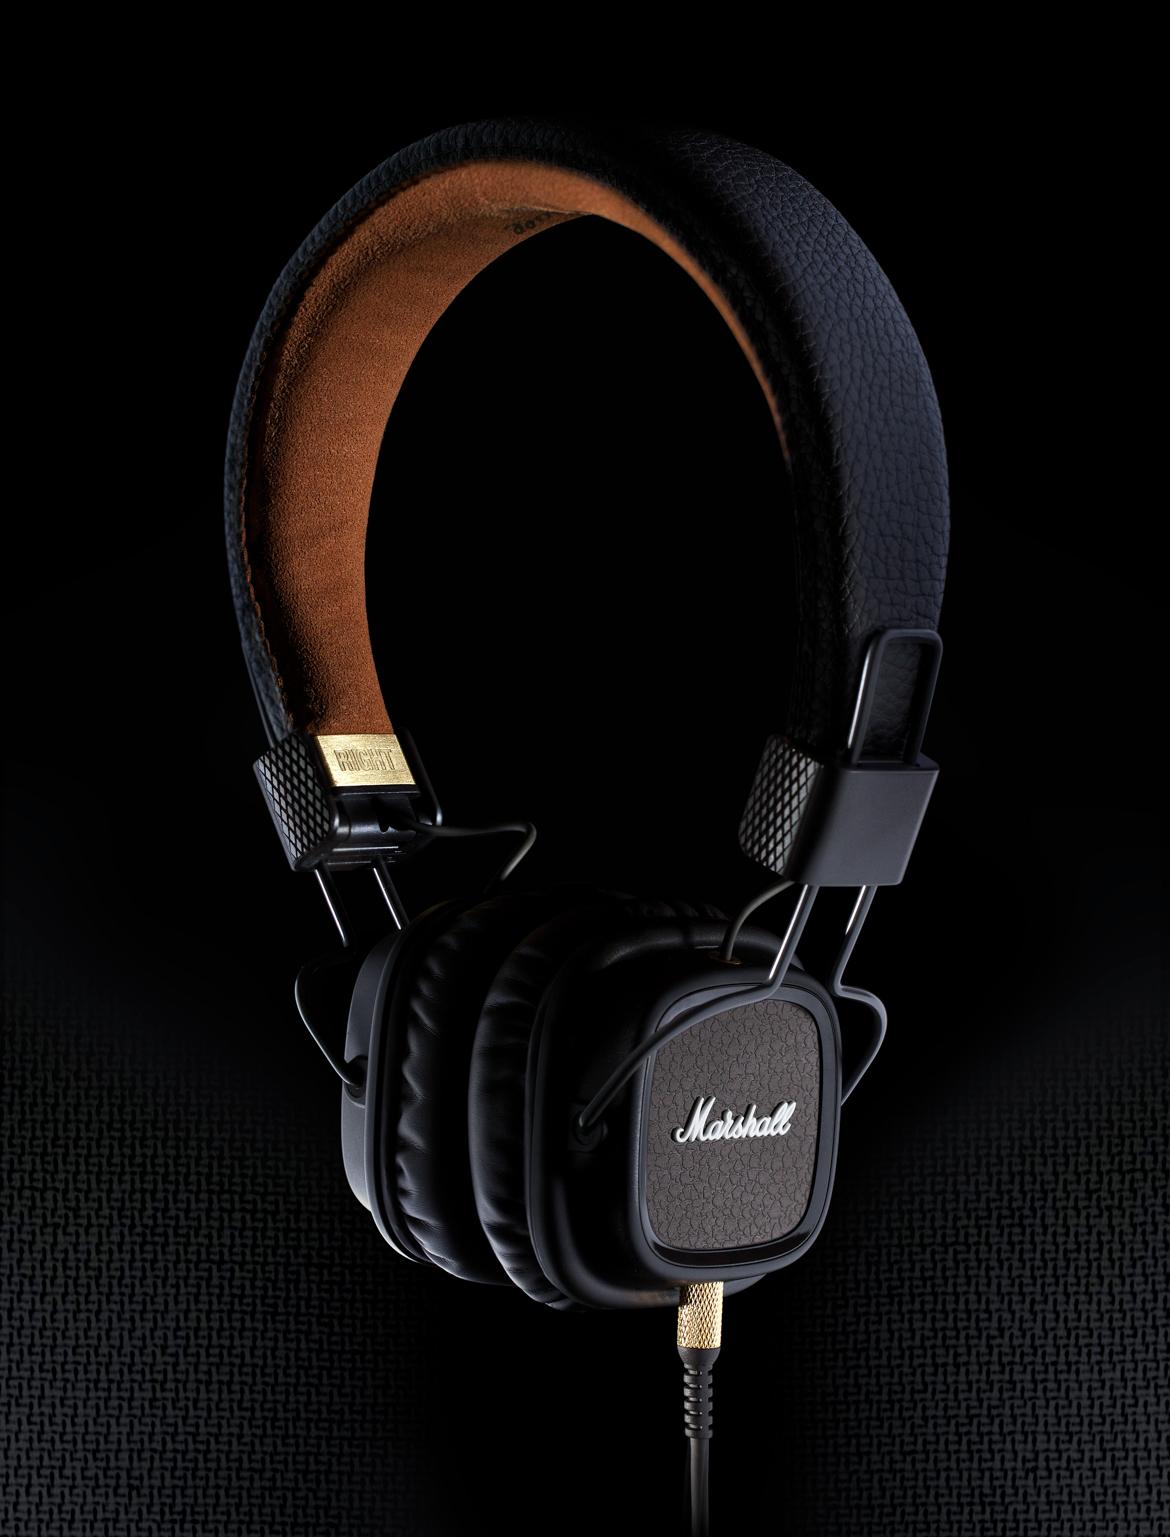 Marshall-Headphones-background-Edit-2